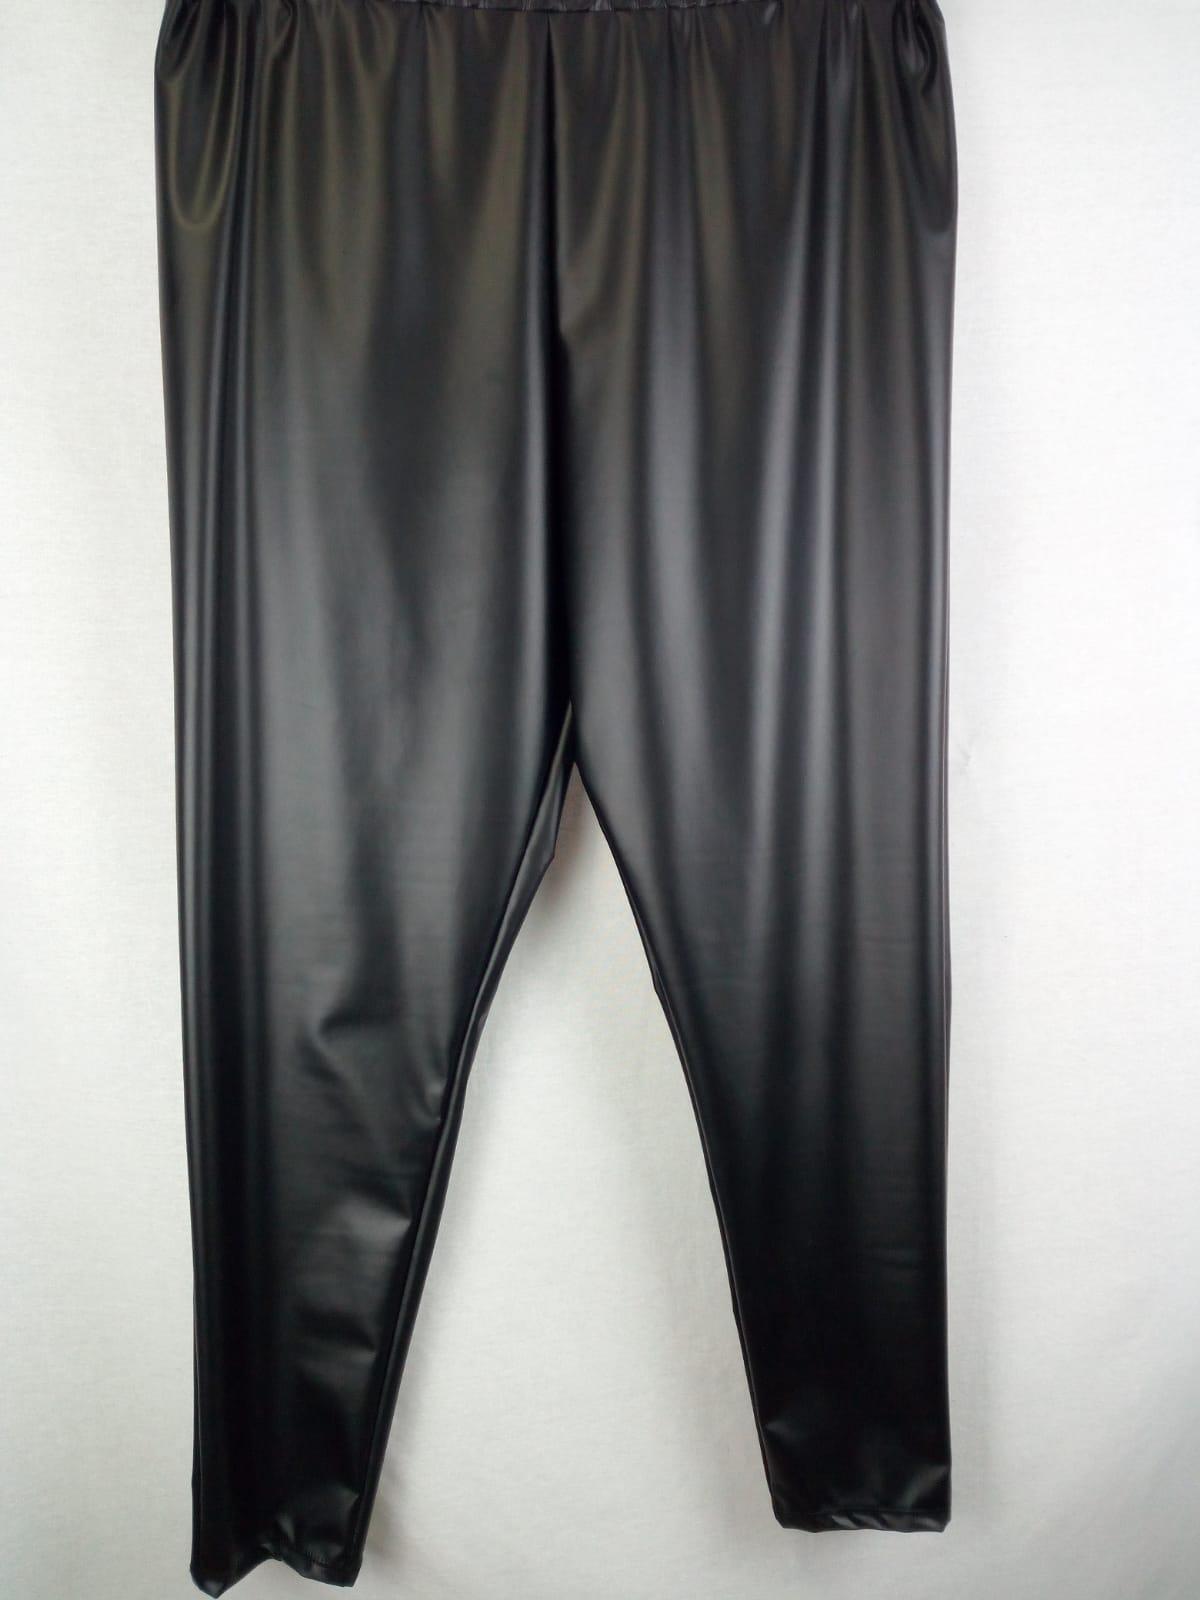 Pantalone elasticizzato tipo pelle grande